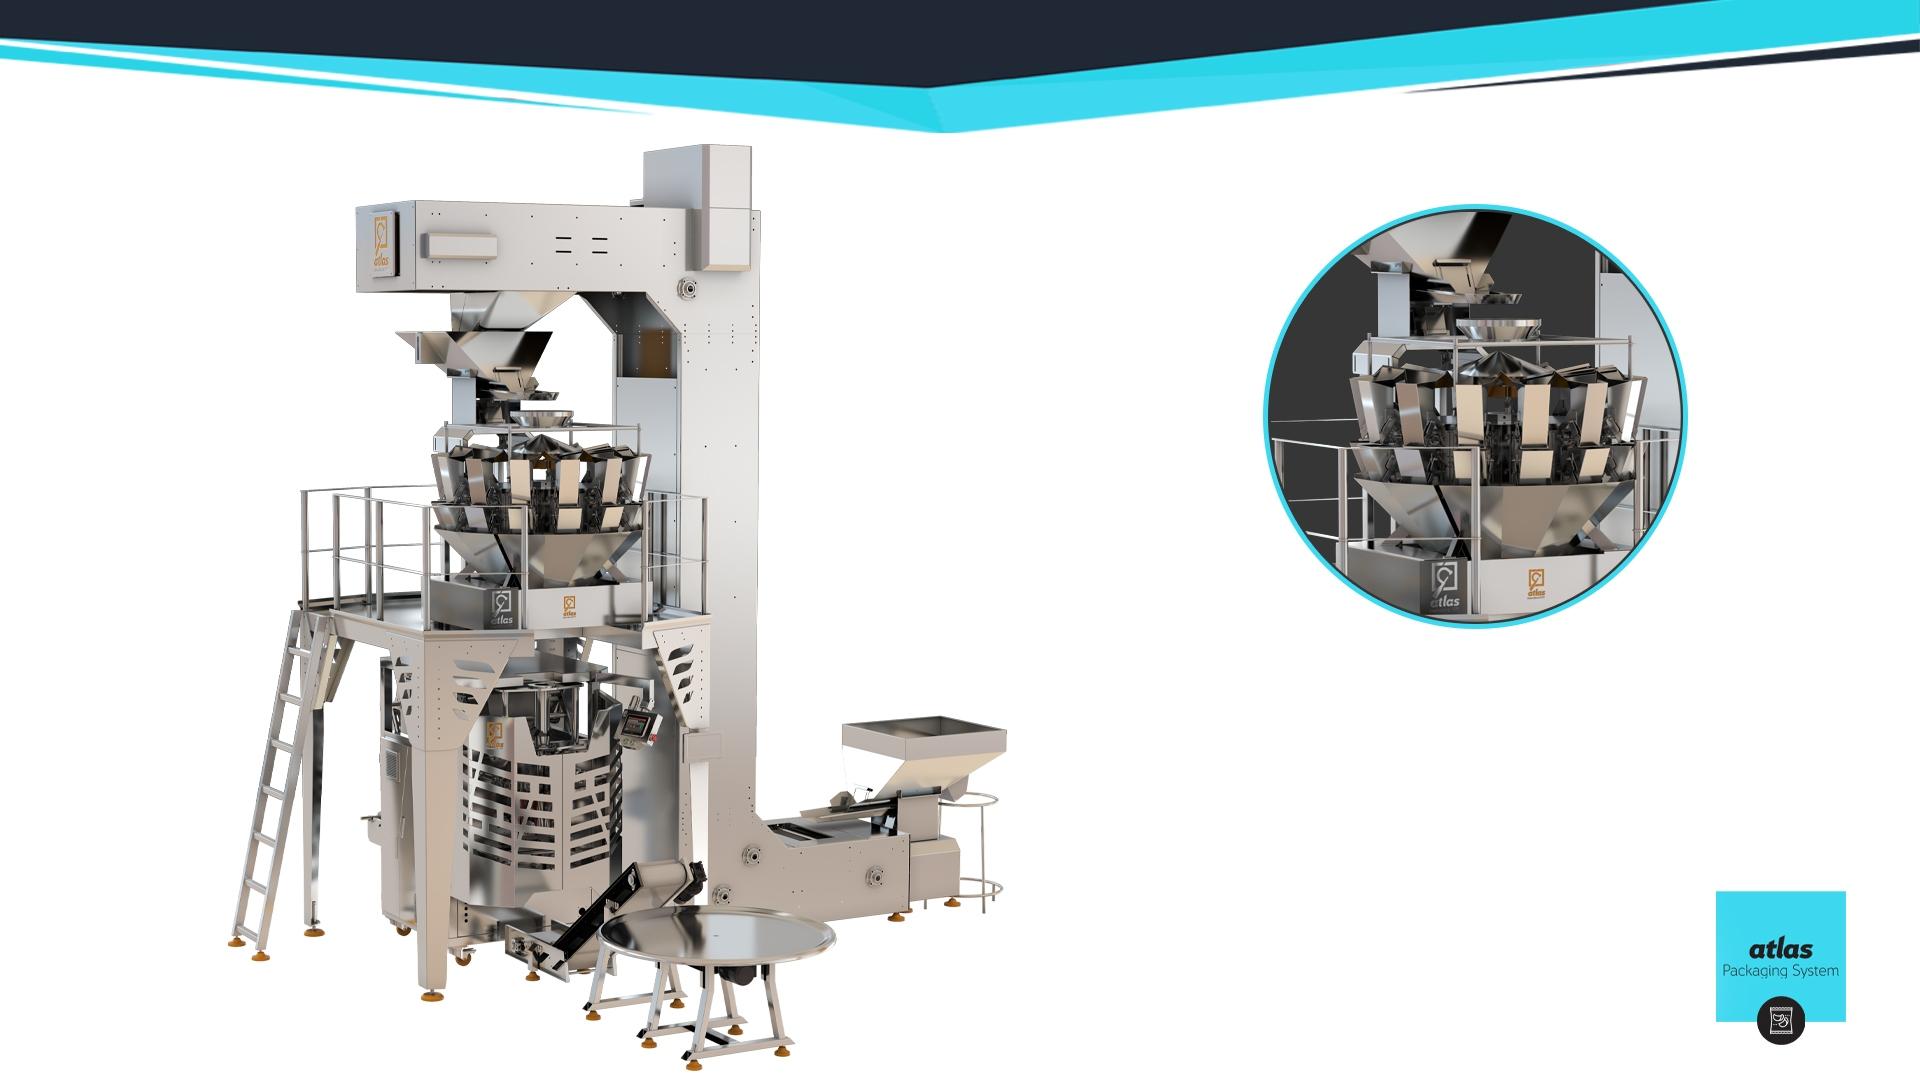 خط تعبئة وتغليف وزنية محركات سيرفو  / شيبس - مكسرات - سكاكر - شاي-تمور PMWF 80